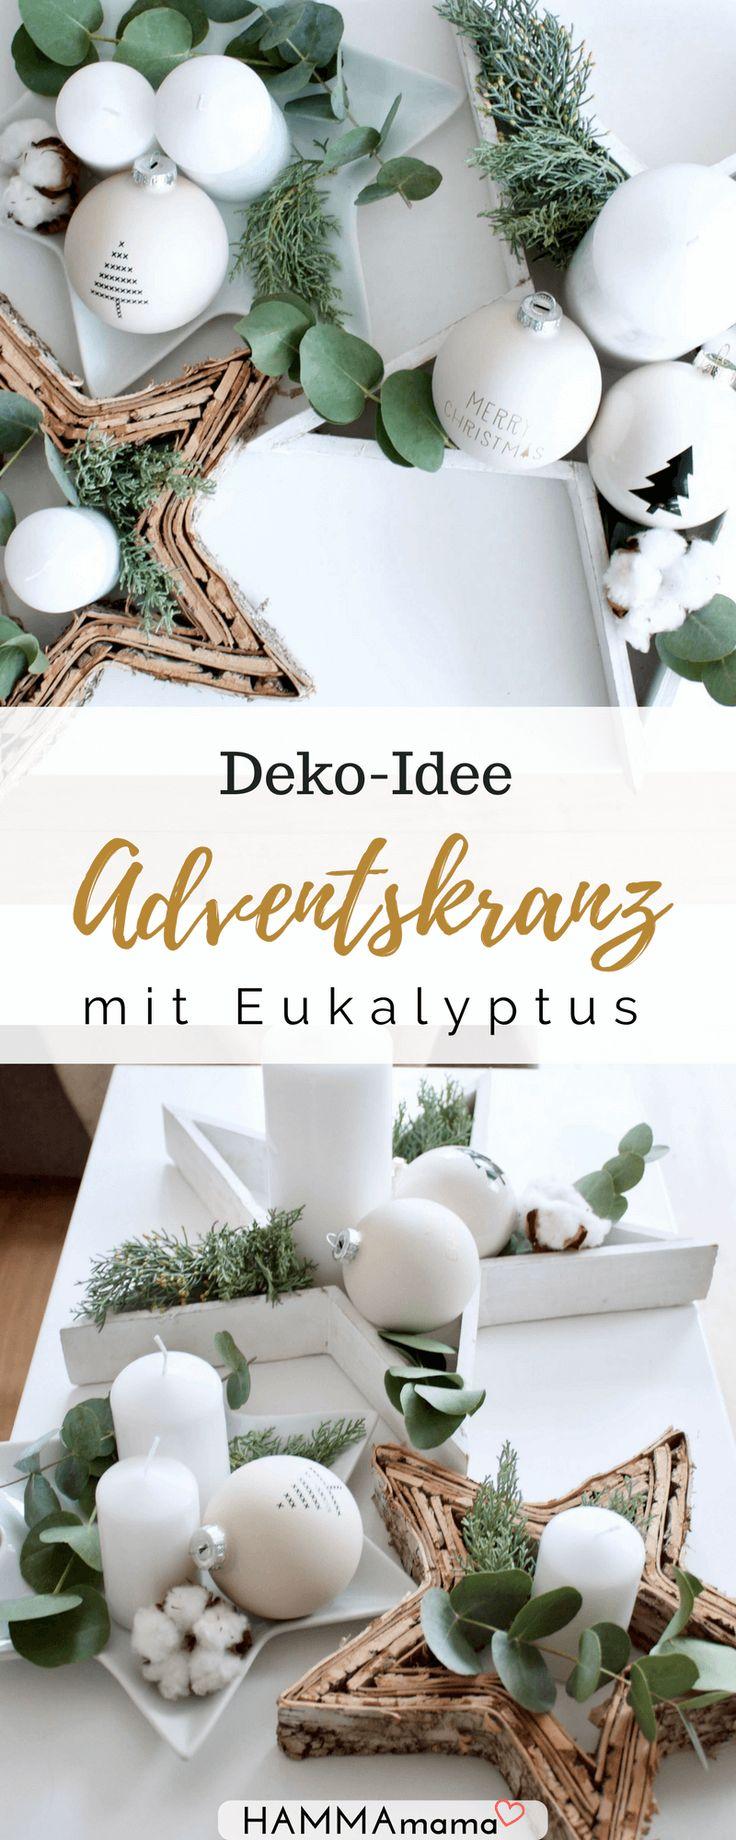 Außergewöhnliche Adventskränze Sind Dein Ding? ° Idee Für Eine Adventskranz  Deko Mit Eukalyptus